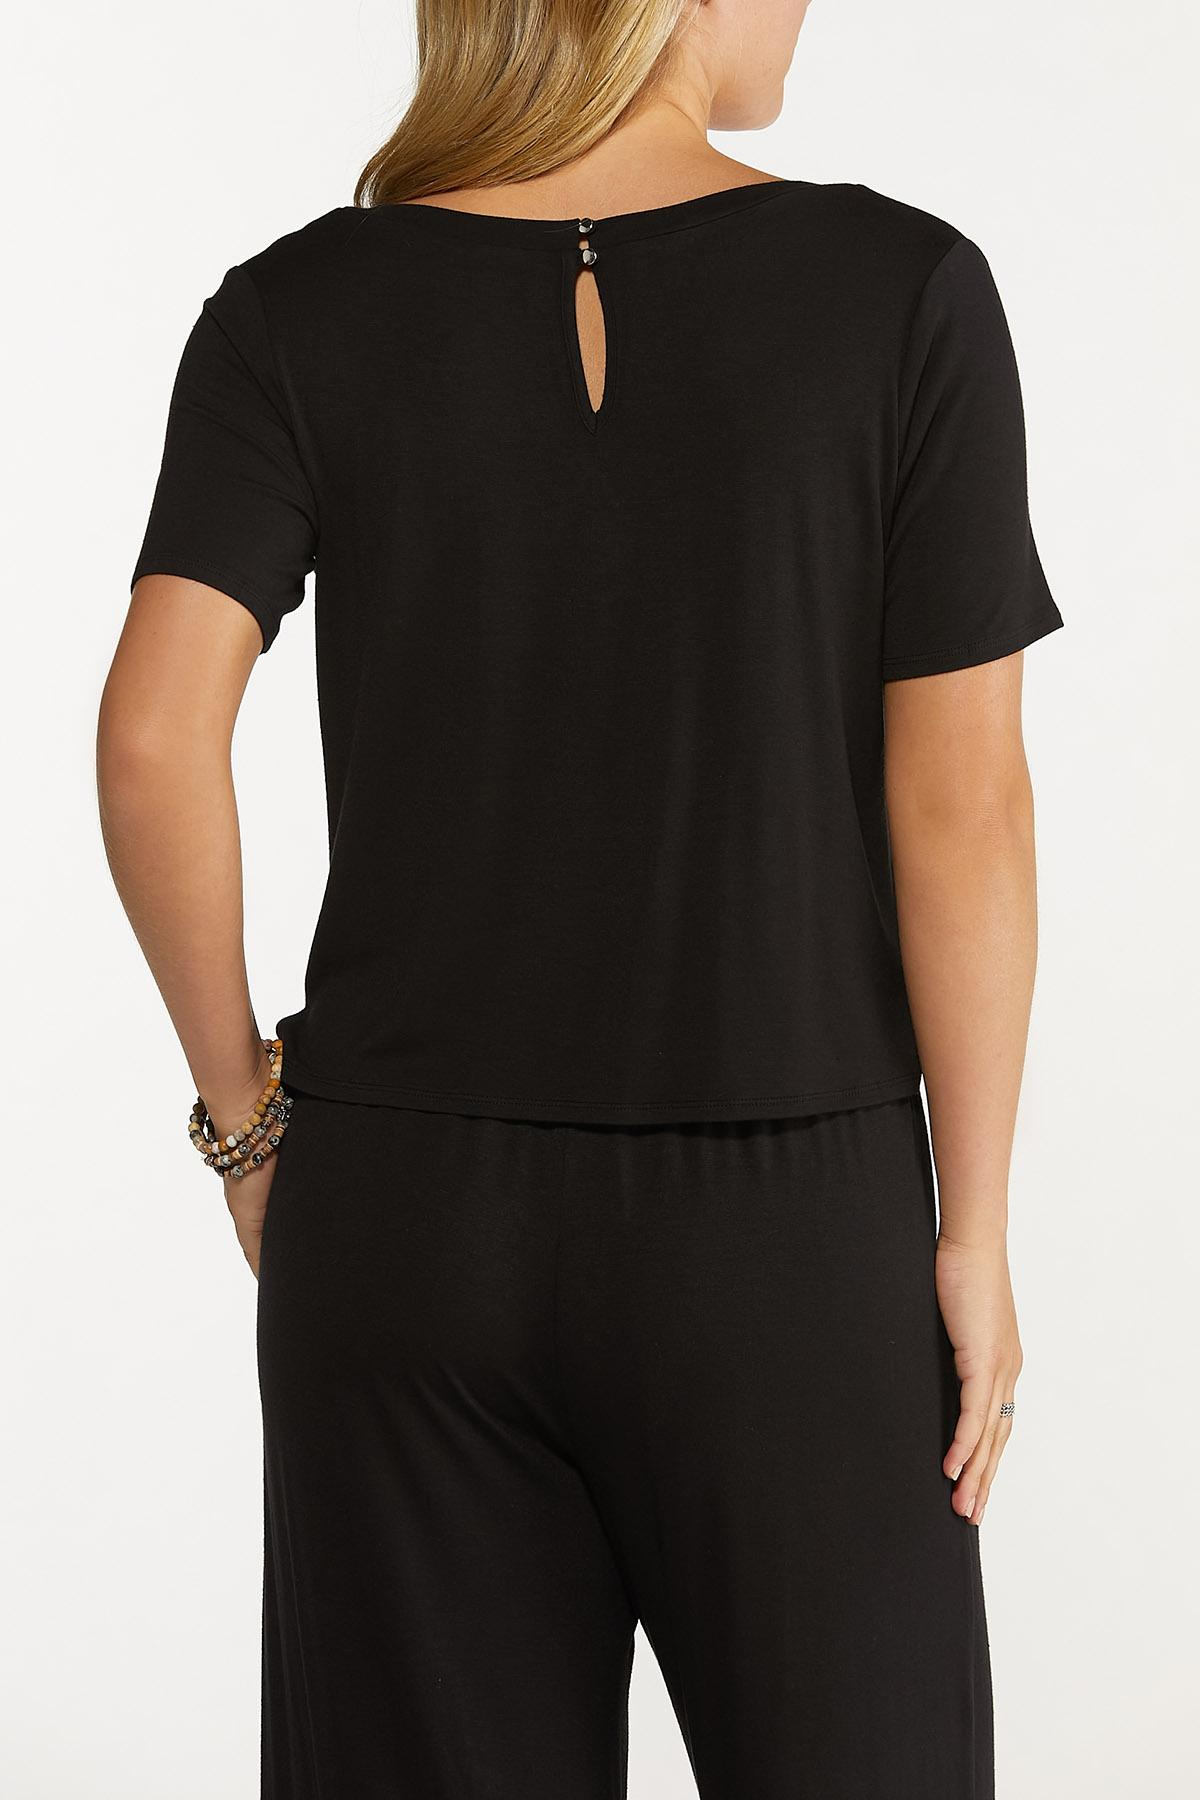 Black V-Neck Top (Item #44722638)